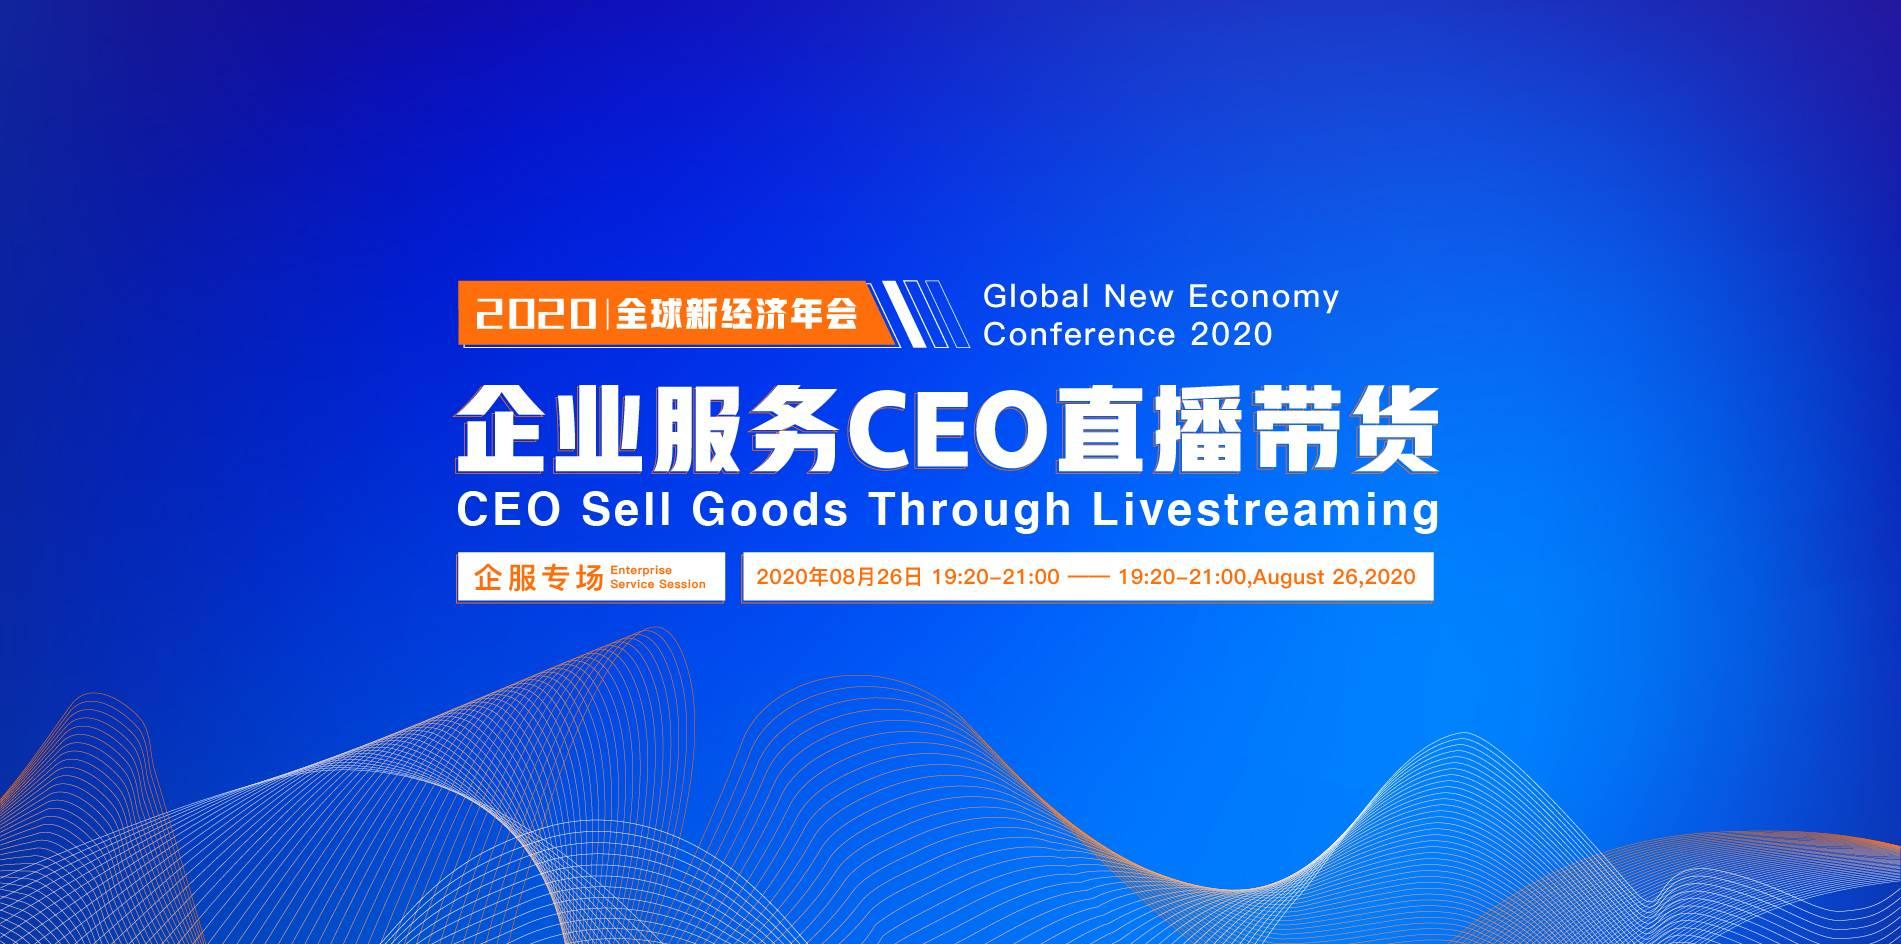 【活动】2020全球新经济年会 企服专场-亿欧